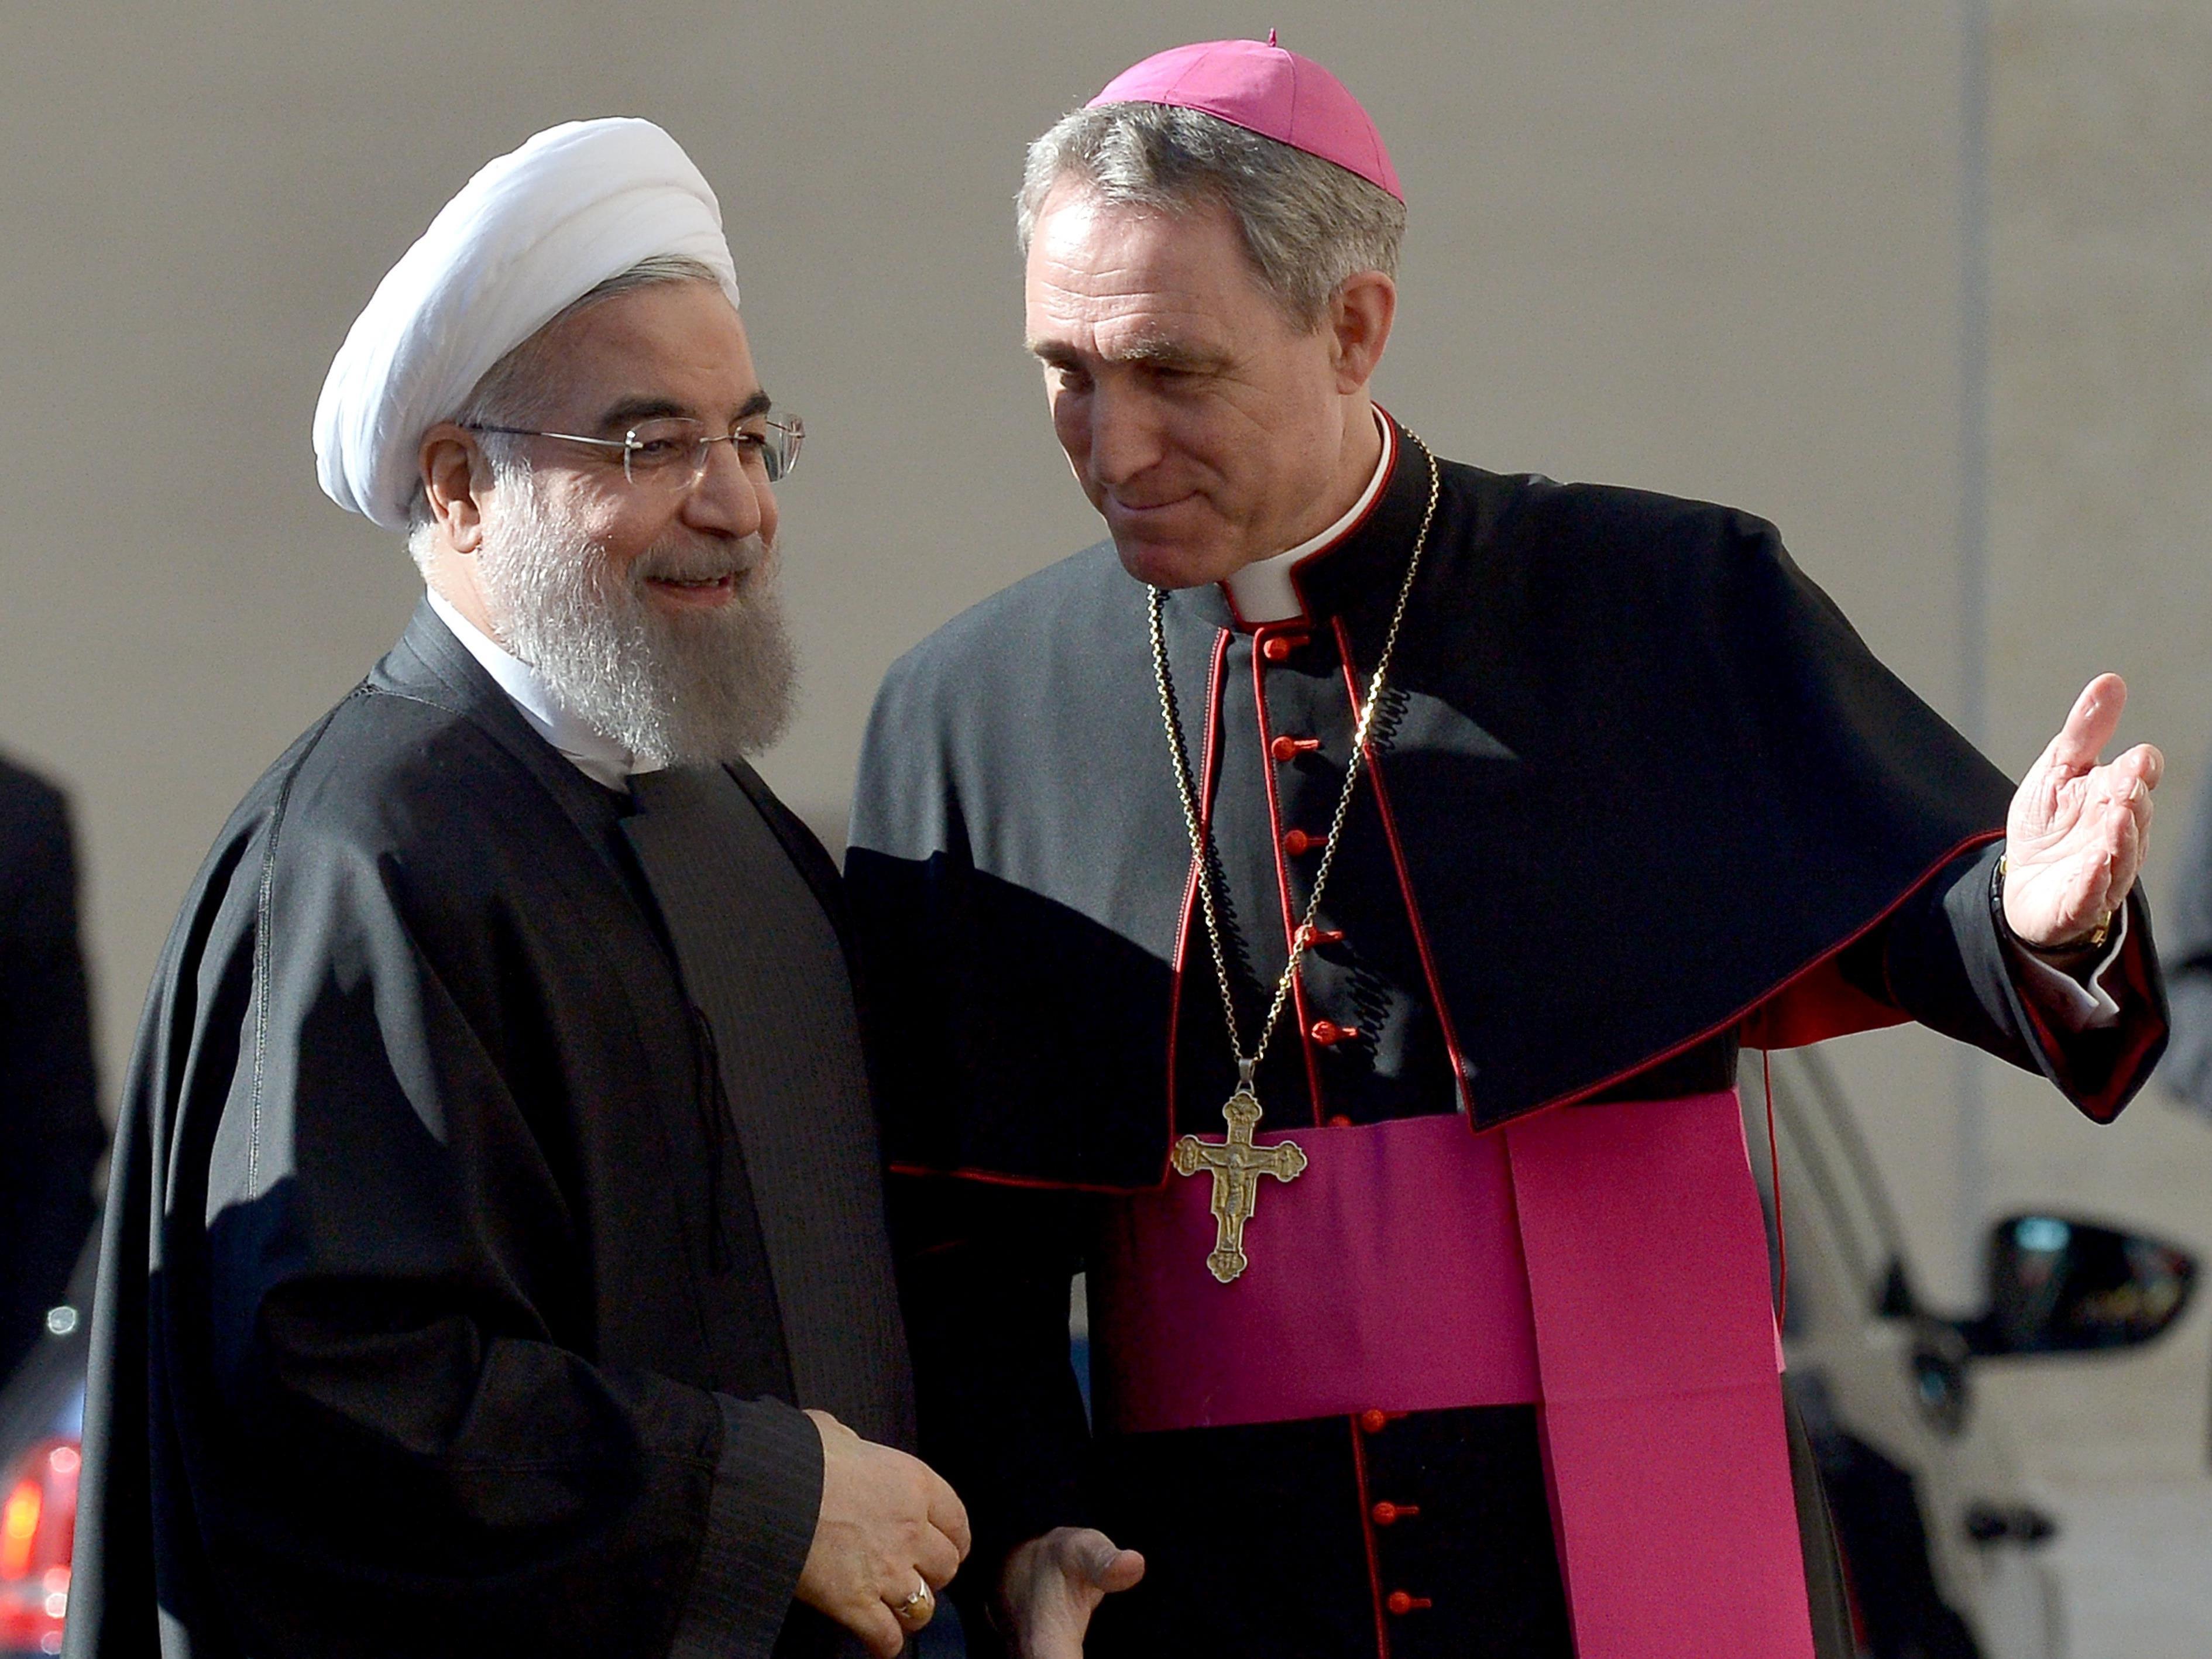 Rücksicht auf iranischen Präsidenten: Keine nackten Statuen, kein Wein beim Abendessen.